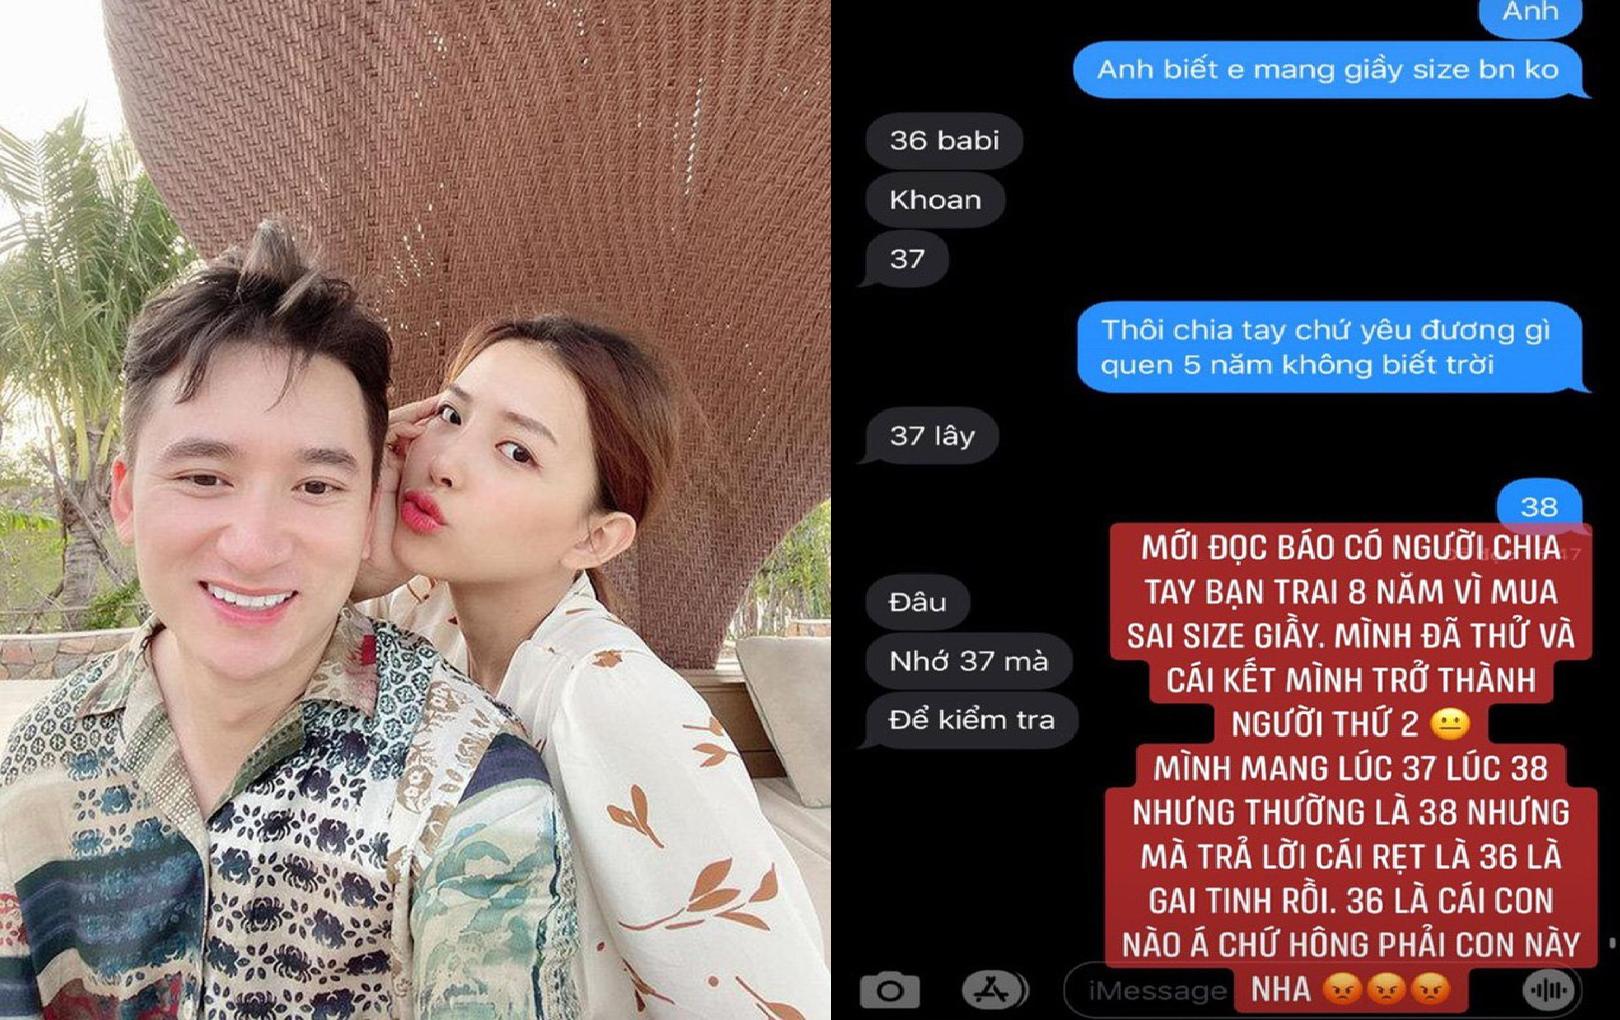 Nhân chuyện chia tay của Mâu Thủy, Phan Mạnh Quỳnh bị bạn gái vặn hỏi size giày và nhận cái kết không như mơ!